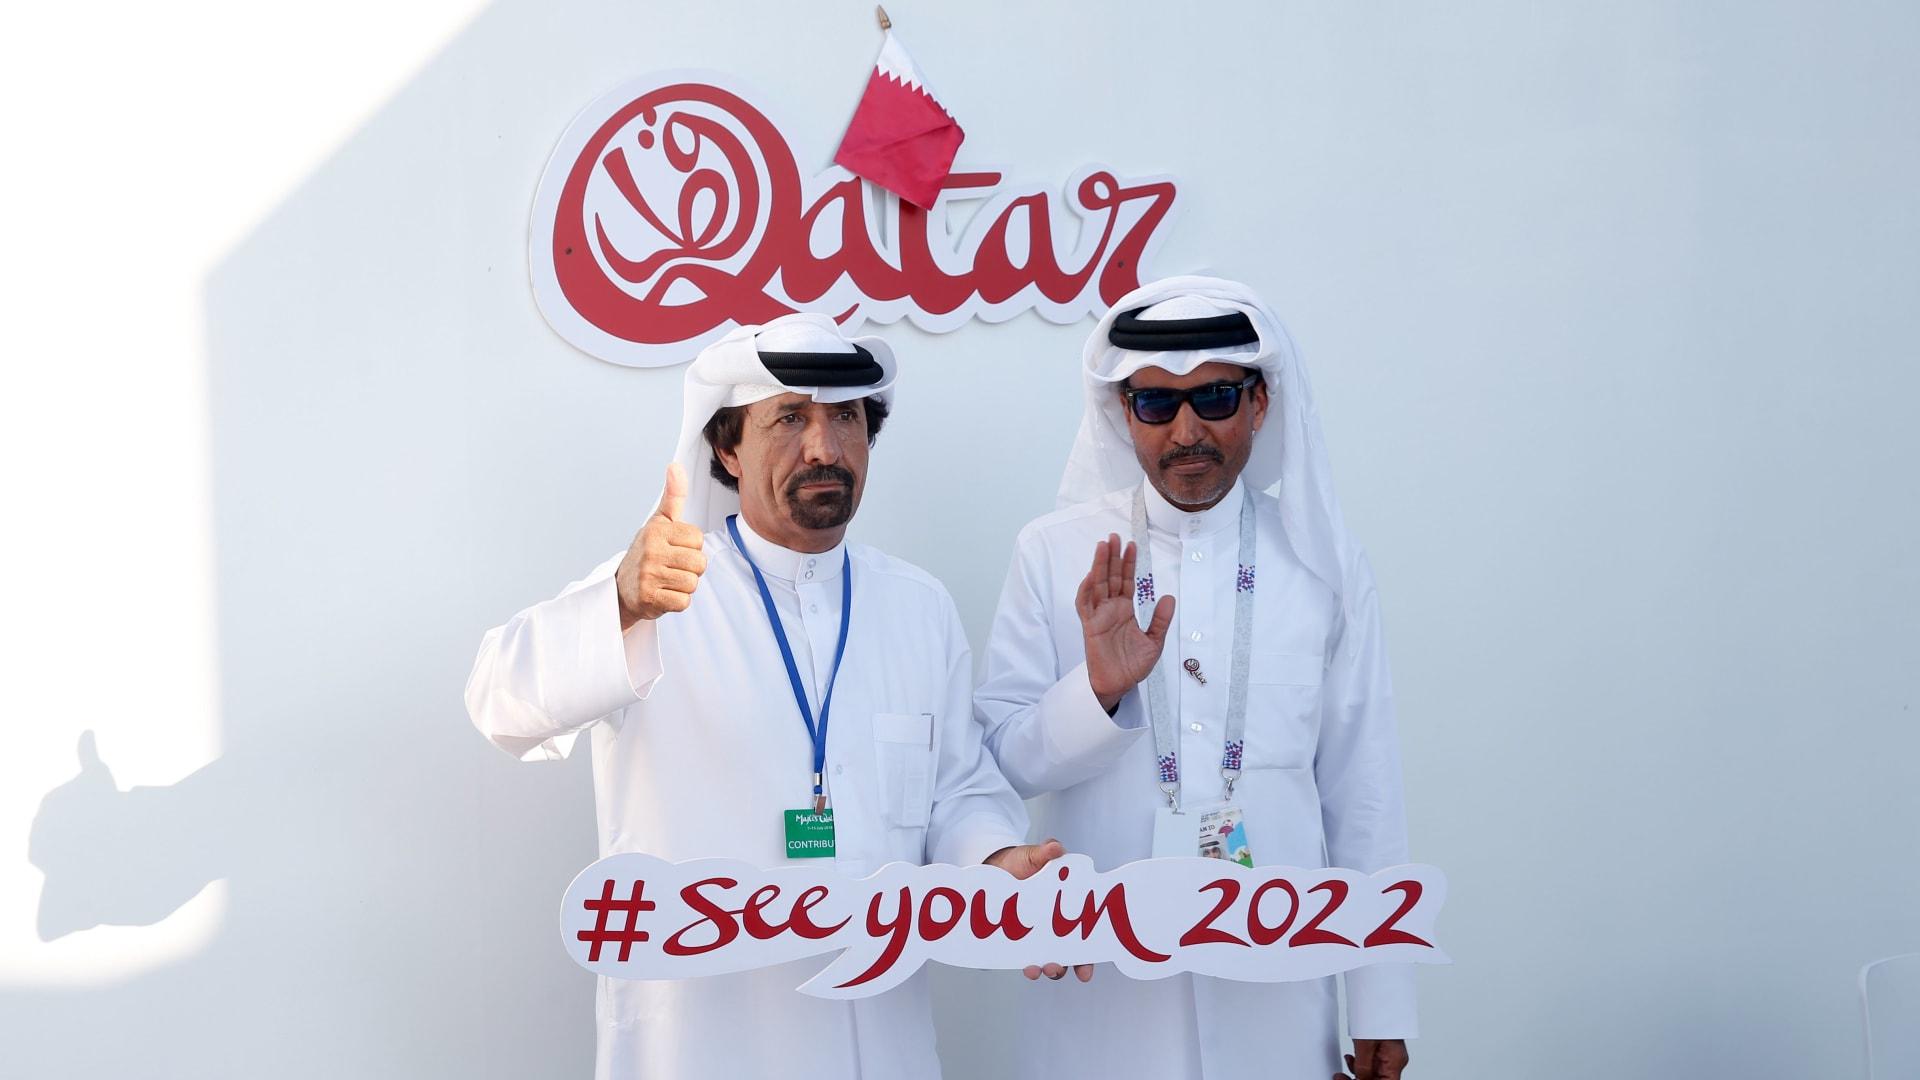 فيفا: 32 فريقا سيتنافسون في مونديال قطر 2022.. والرميحي: المعنى الحقيقي للثقل القطري